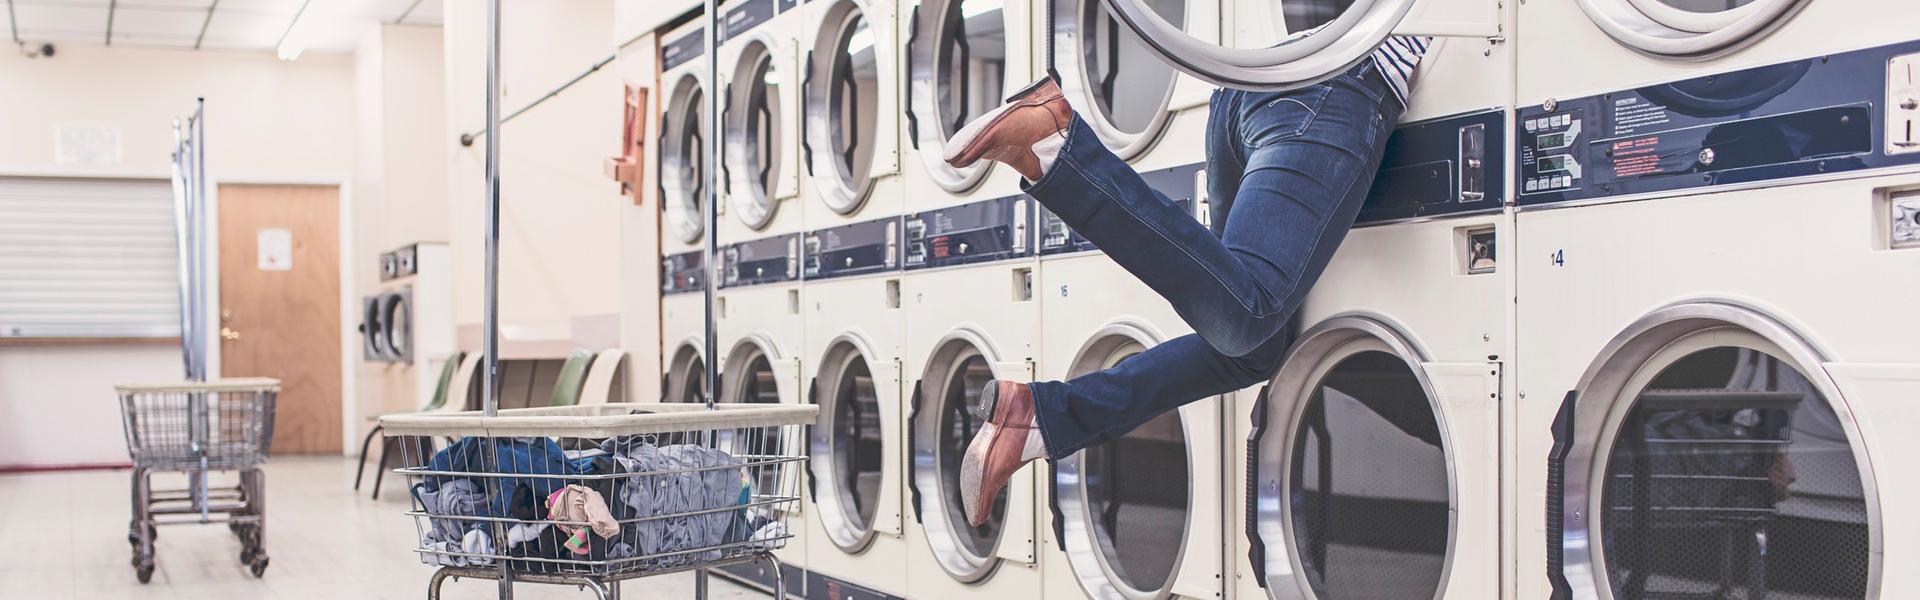 Waschmaschinen, Kühlschränke und mehr